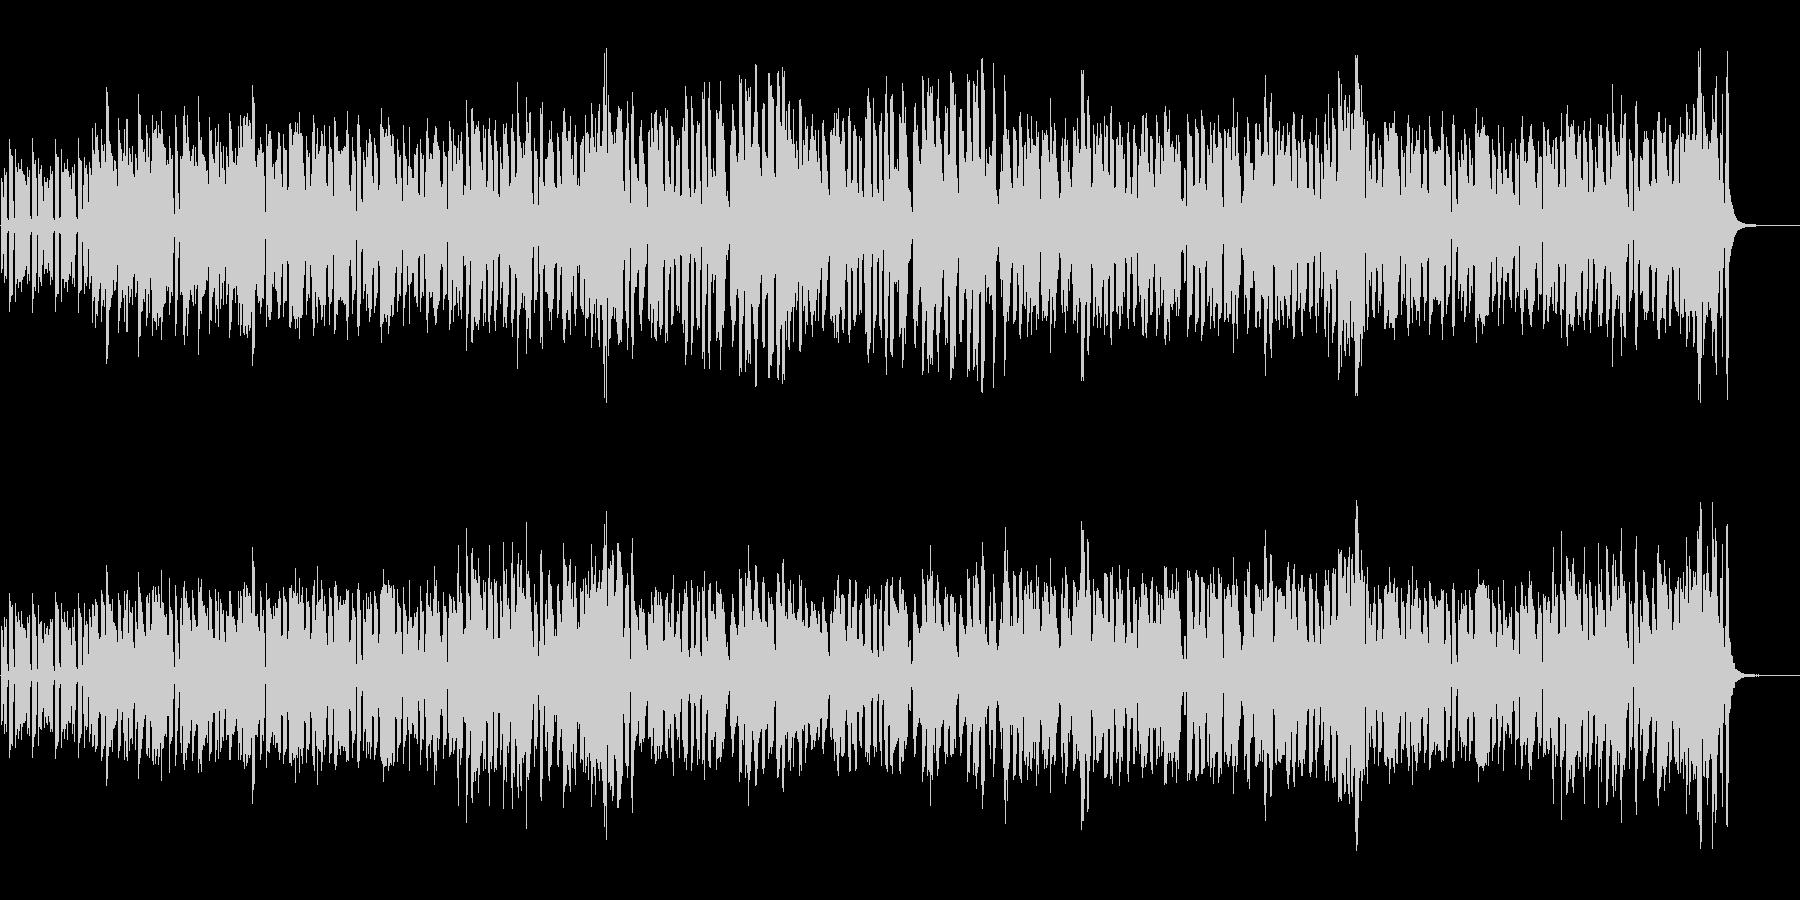 エレピとバイオリン、バンドネオンのタンゴの未再生の波形